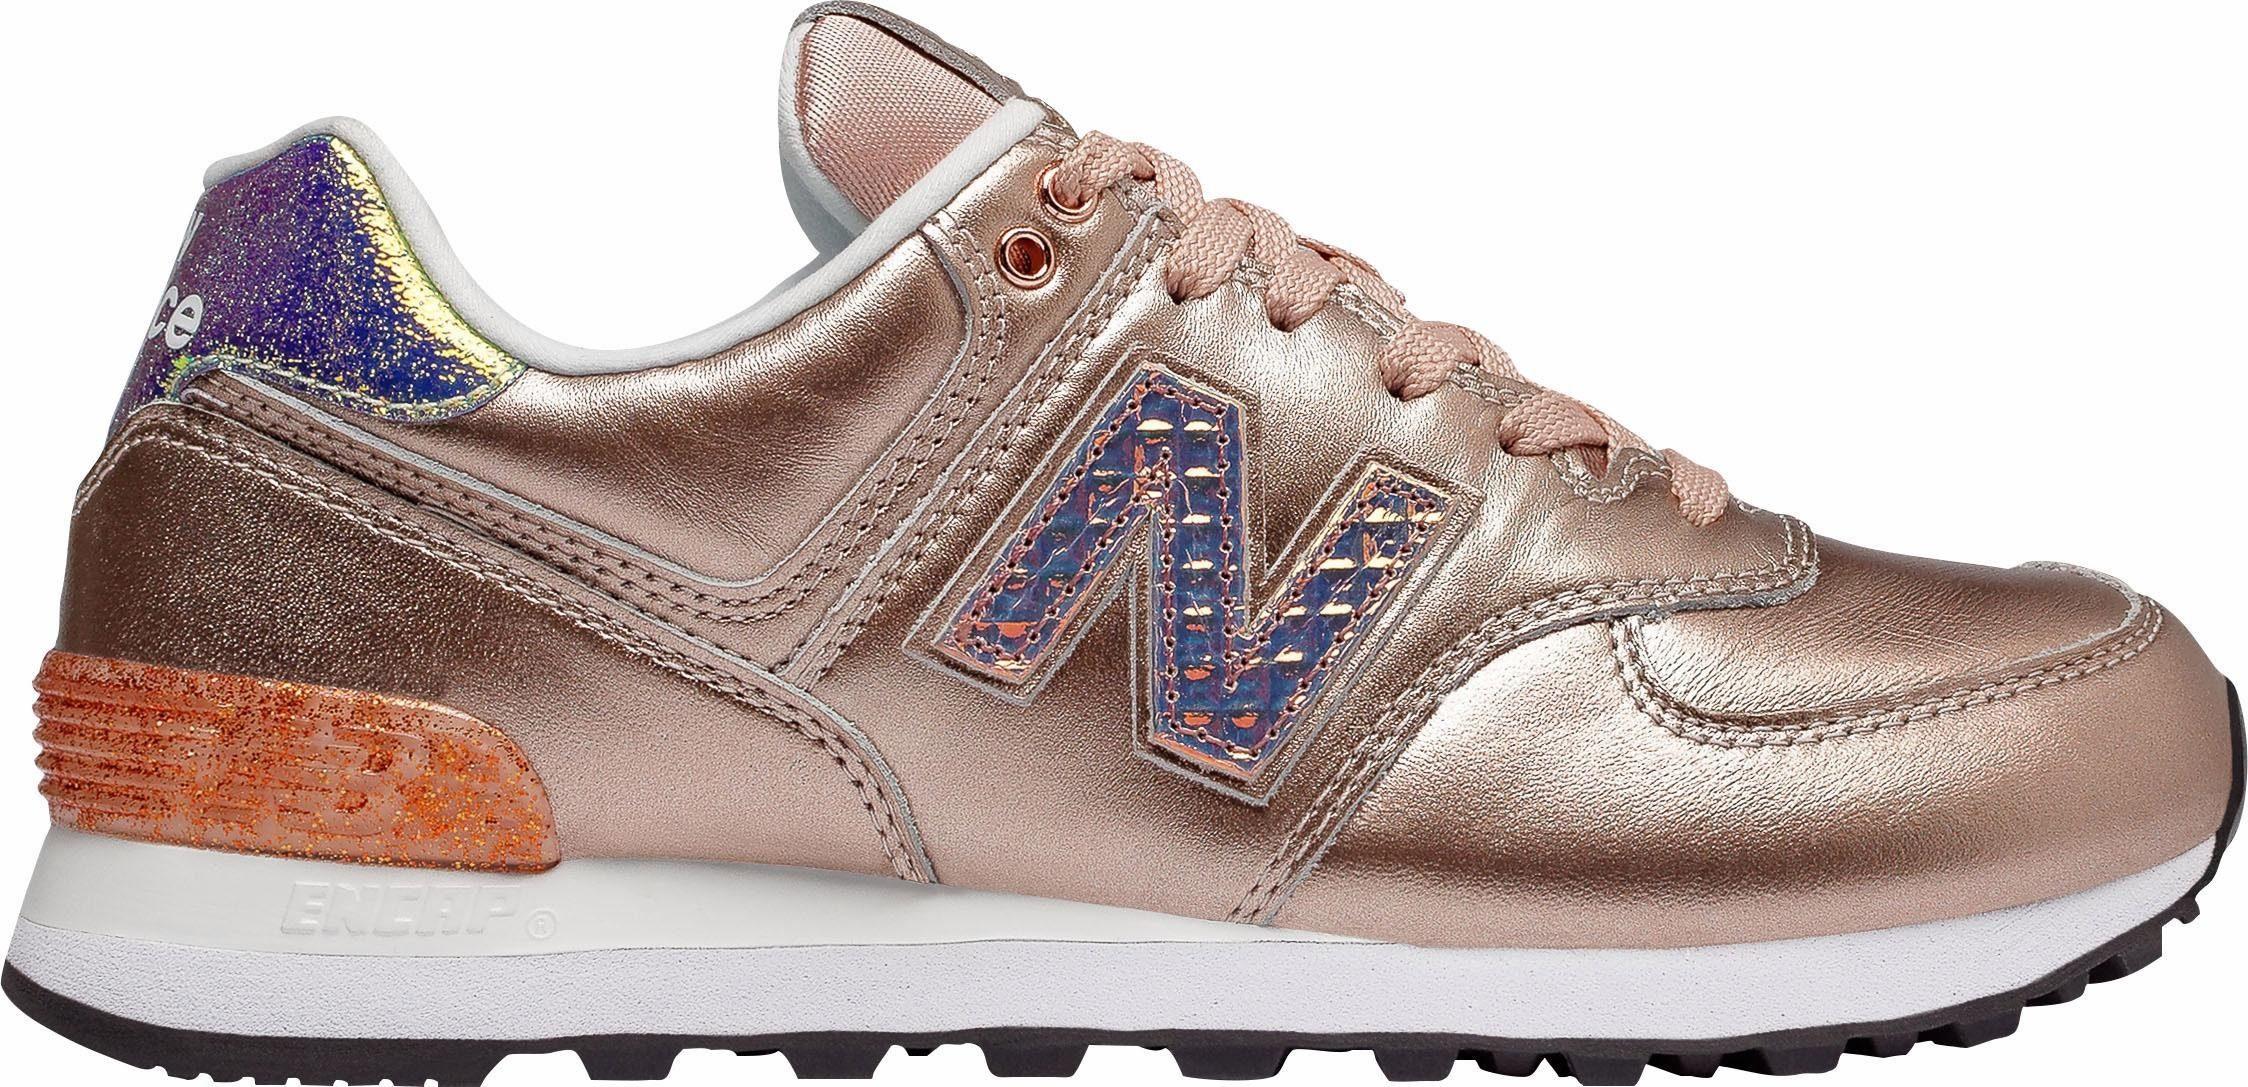 New Balance WL 574 Sneaker online kaufen  kupfer